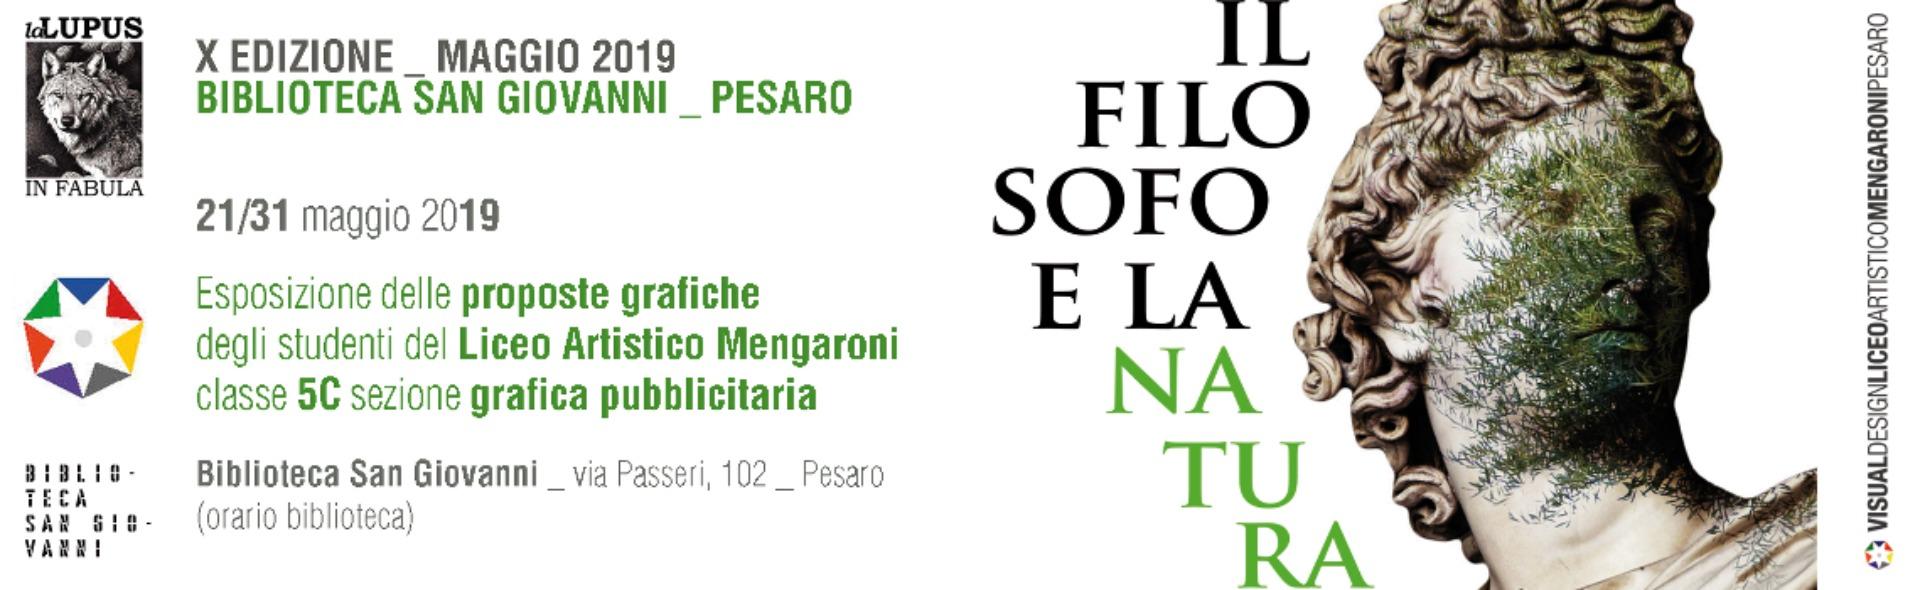 """Il filosofo e la natura, X edizione: """"Ecologia e democrazia"""""""